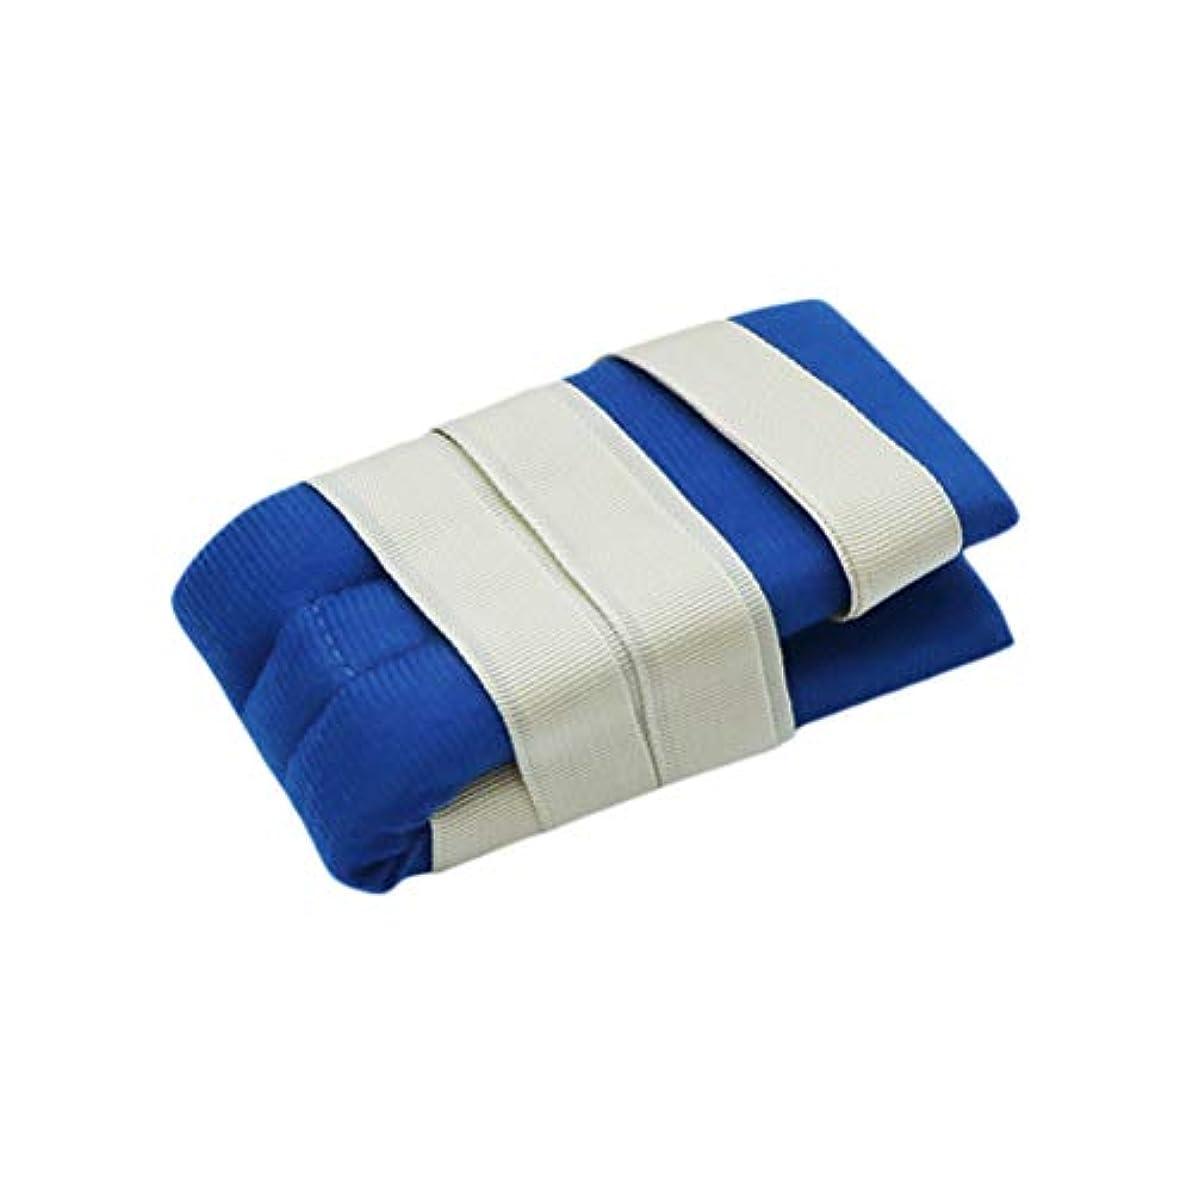 レイアウト水銀の疲労手または足のための柔らかい医学の制限の革紐バンド病院用ベッドの肢のホールダー患者のための普遍的な抑制制御クイックリリースバンド